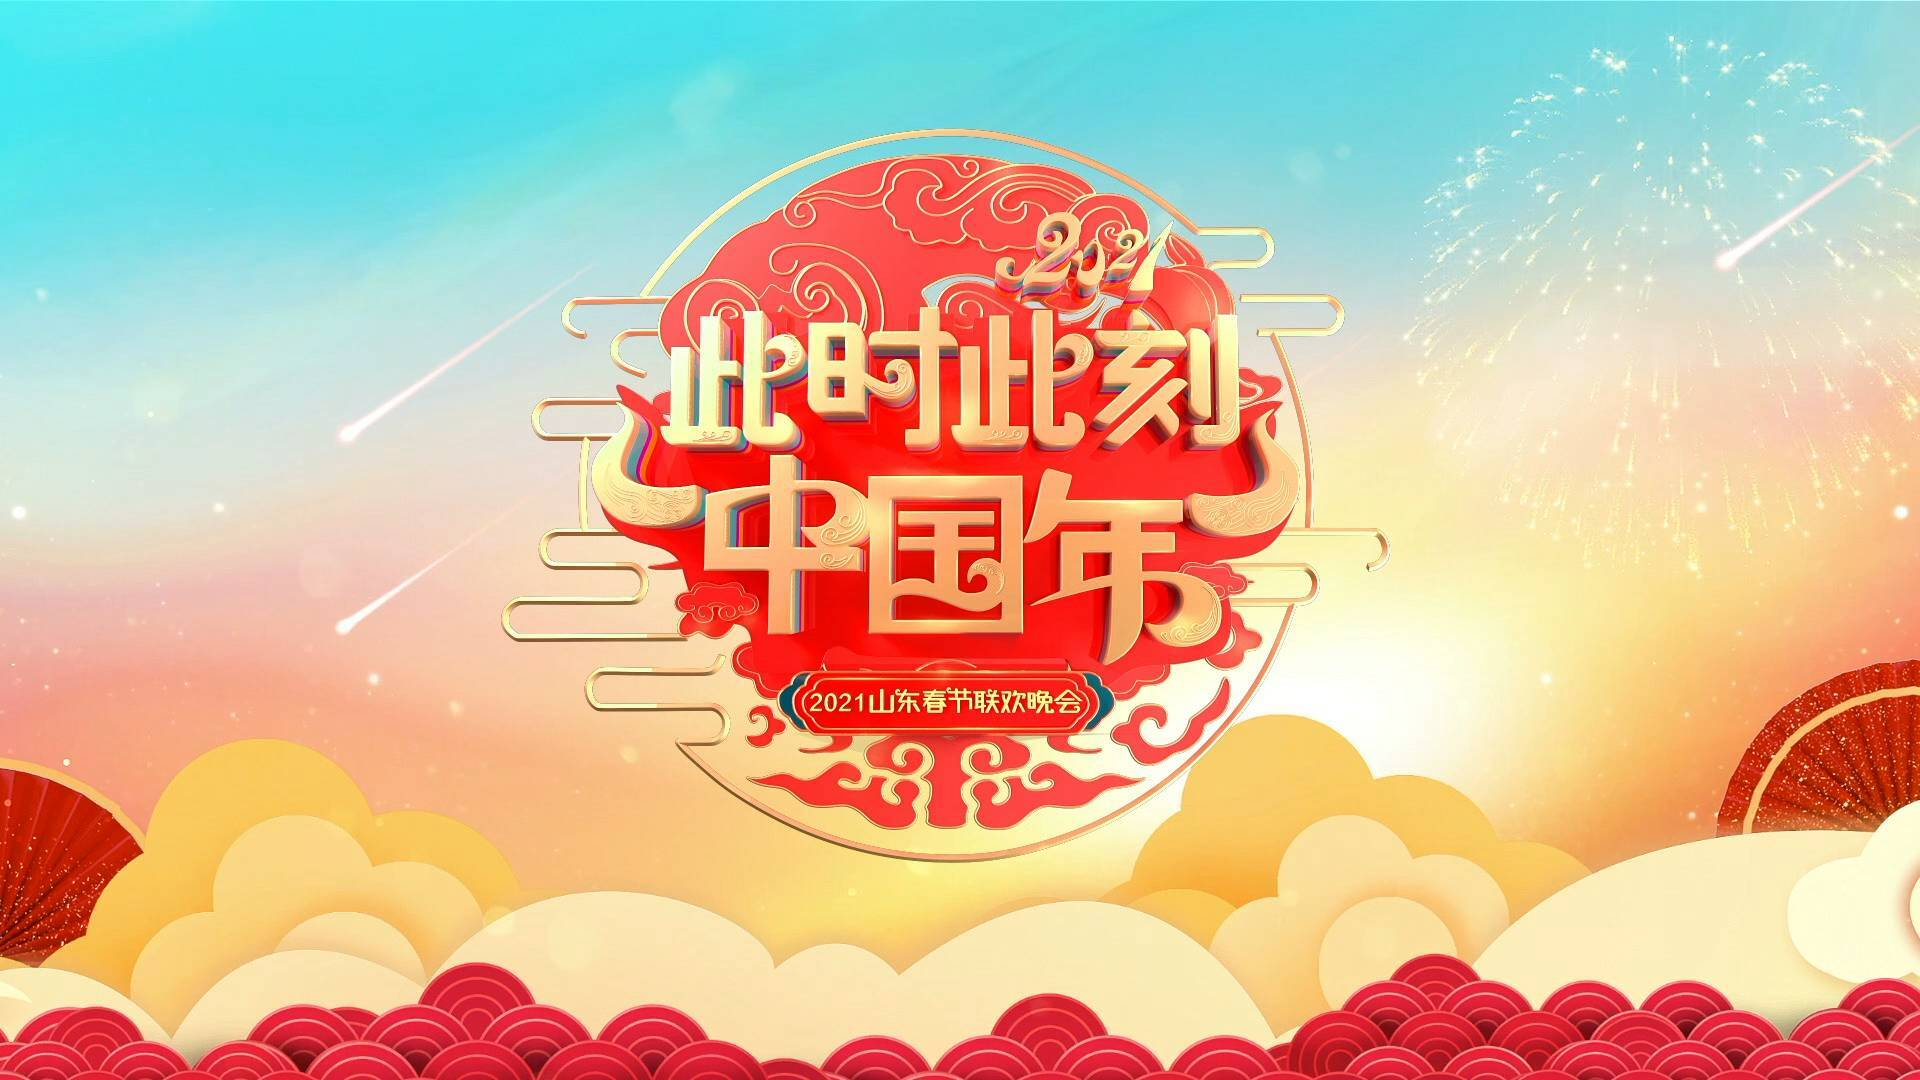 61秒丨《此时此刻中国年》2月3日开播 揭秘2021山东春晚幕后花絮